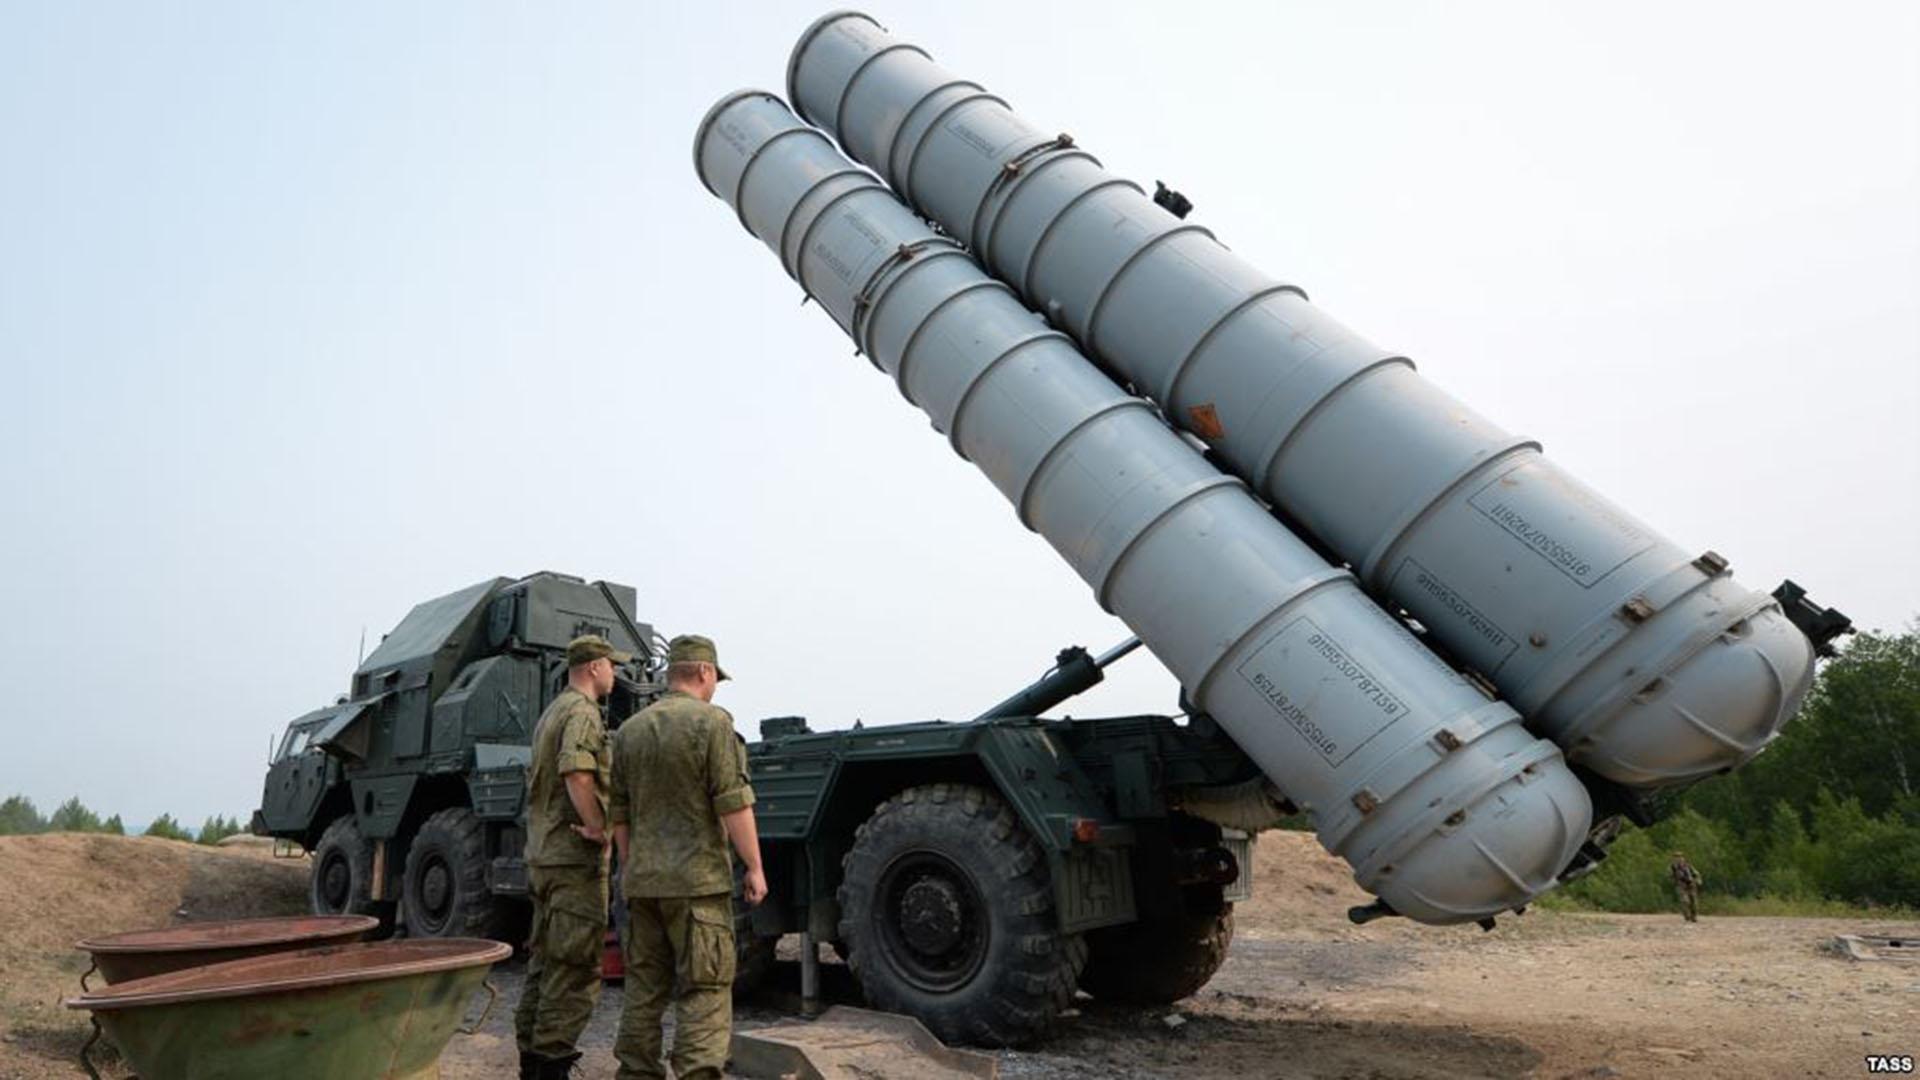 Una lanzadera de misiles S-300. Las baterías cuentan además con otros vehículos que portan radares y el centro de mando y control de tiro